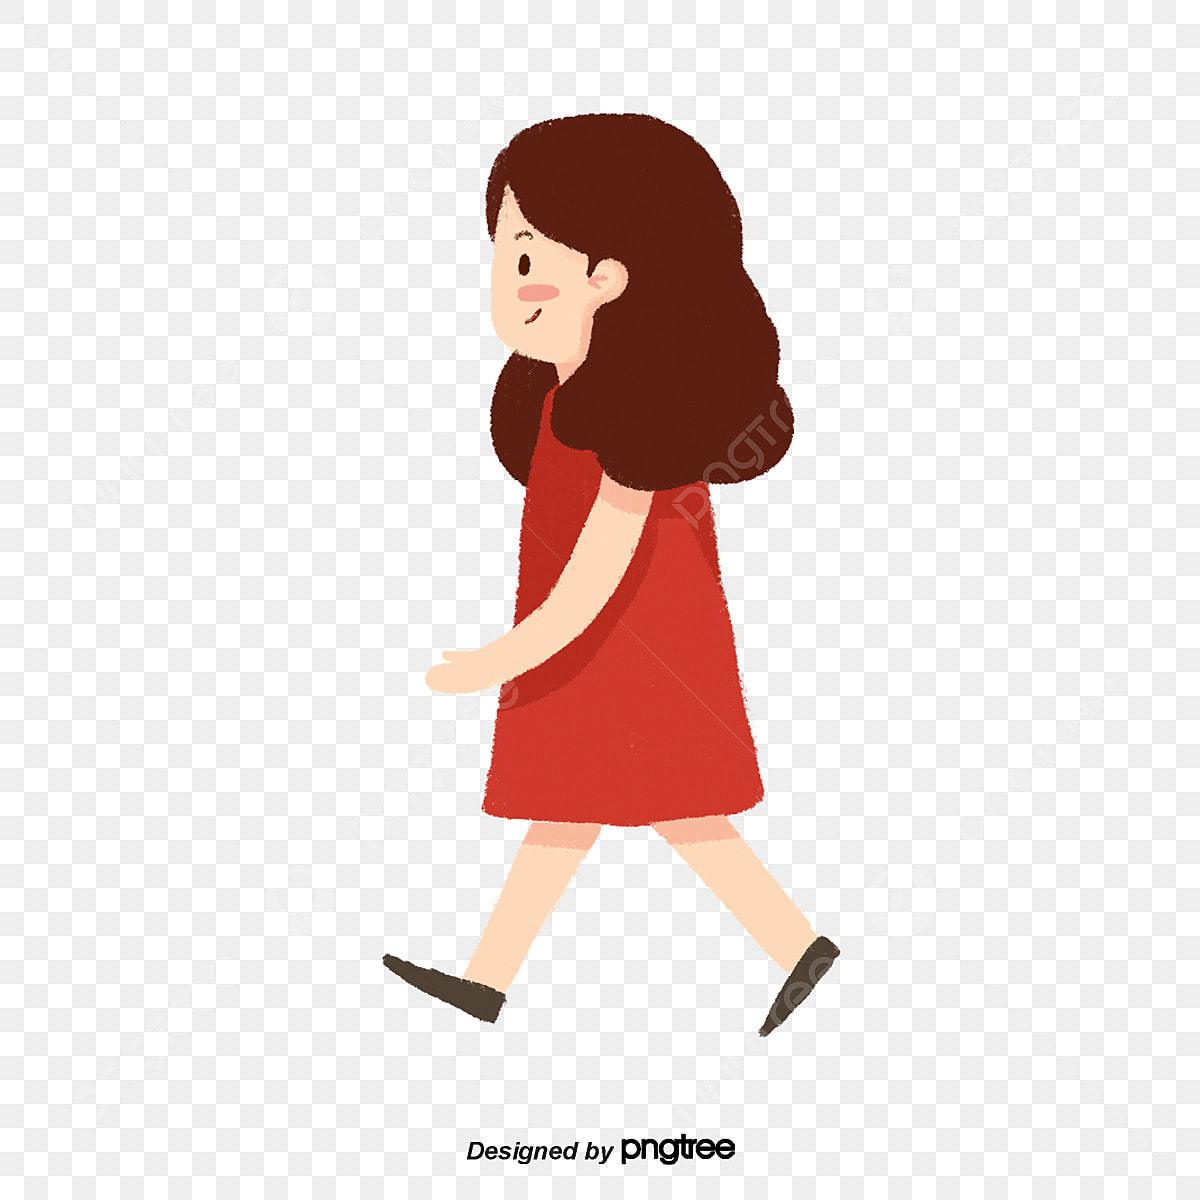 La Chica Del Vestido Rojo Estácaminando La Chica La Chica